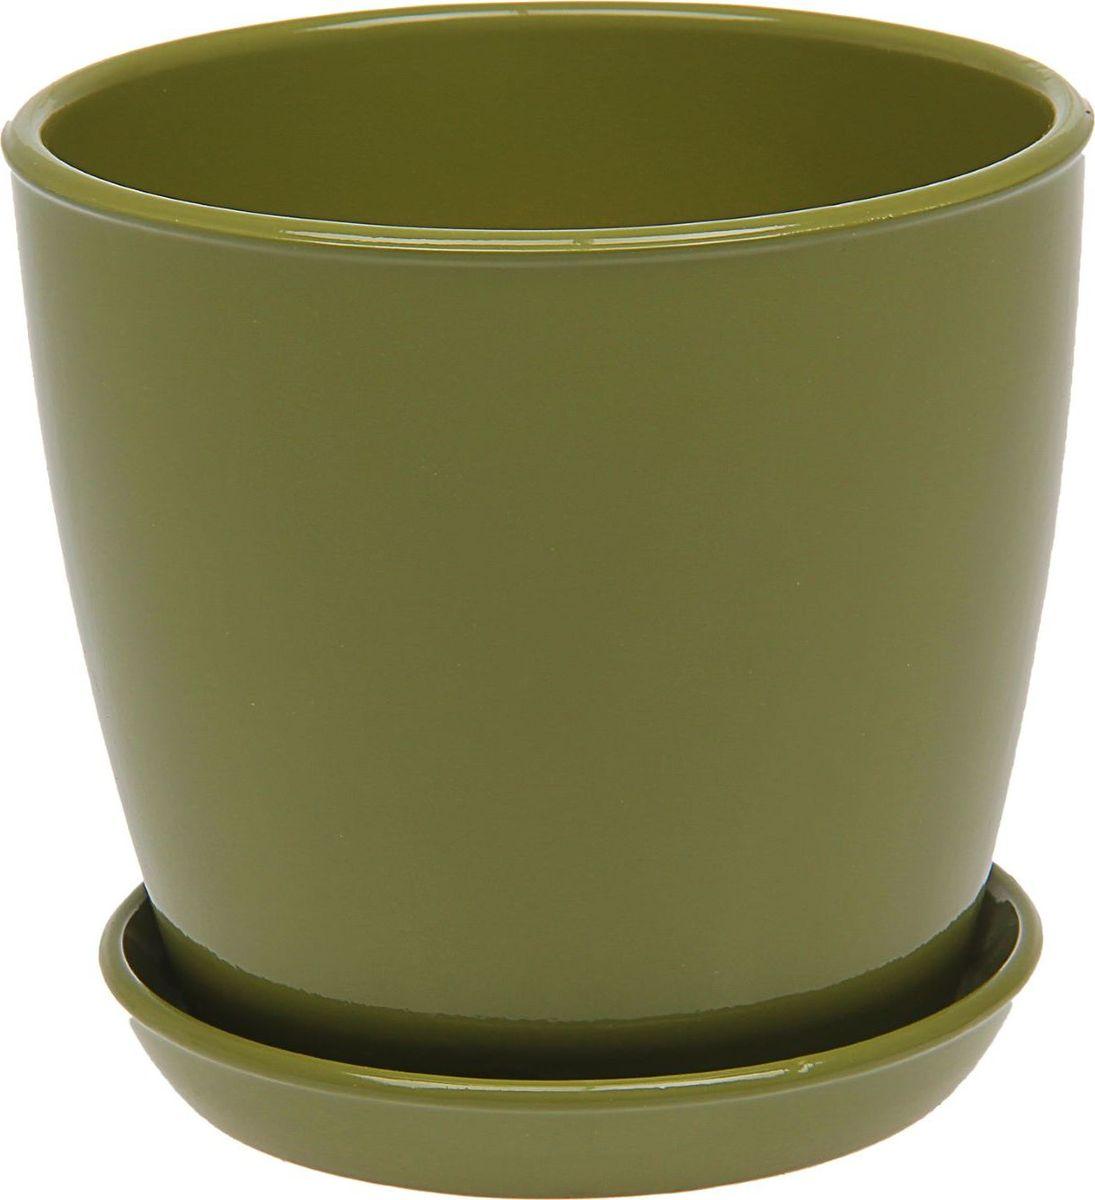 Кашпо Керамика ручной работы Виктория, цвет: оливковый, 4 л1465220Кашпо серии «Каменный цветок» выполнено из белой глины методом формовки и покрыто лаком. Керамическая ёмкость имеет объём, оптимальный для создания наилучших условий развития большинства растений.Устойчивый глубокий поддон защитит поверхность стола или подставки от жидкости.Благодаря строгим стандартам производства изделия отличаются правильной формой, отсутствием дефектов, имеют достаточную тяжесть для надёжной фиксации конструкции.Окраска моделей не восприимчива к прямым солнечным лучам, а в цветовой гамме преобладают яркие и насыщенные оттенки.Красота, удобство и долговечность кашпо серии «Каменный цветок» порадует любителей высококачественных аксессуаров для комнатных растений.